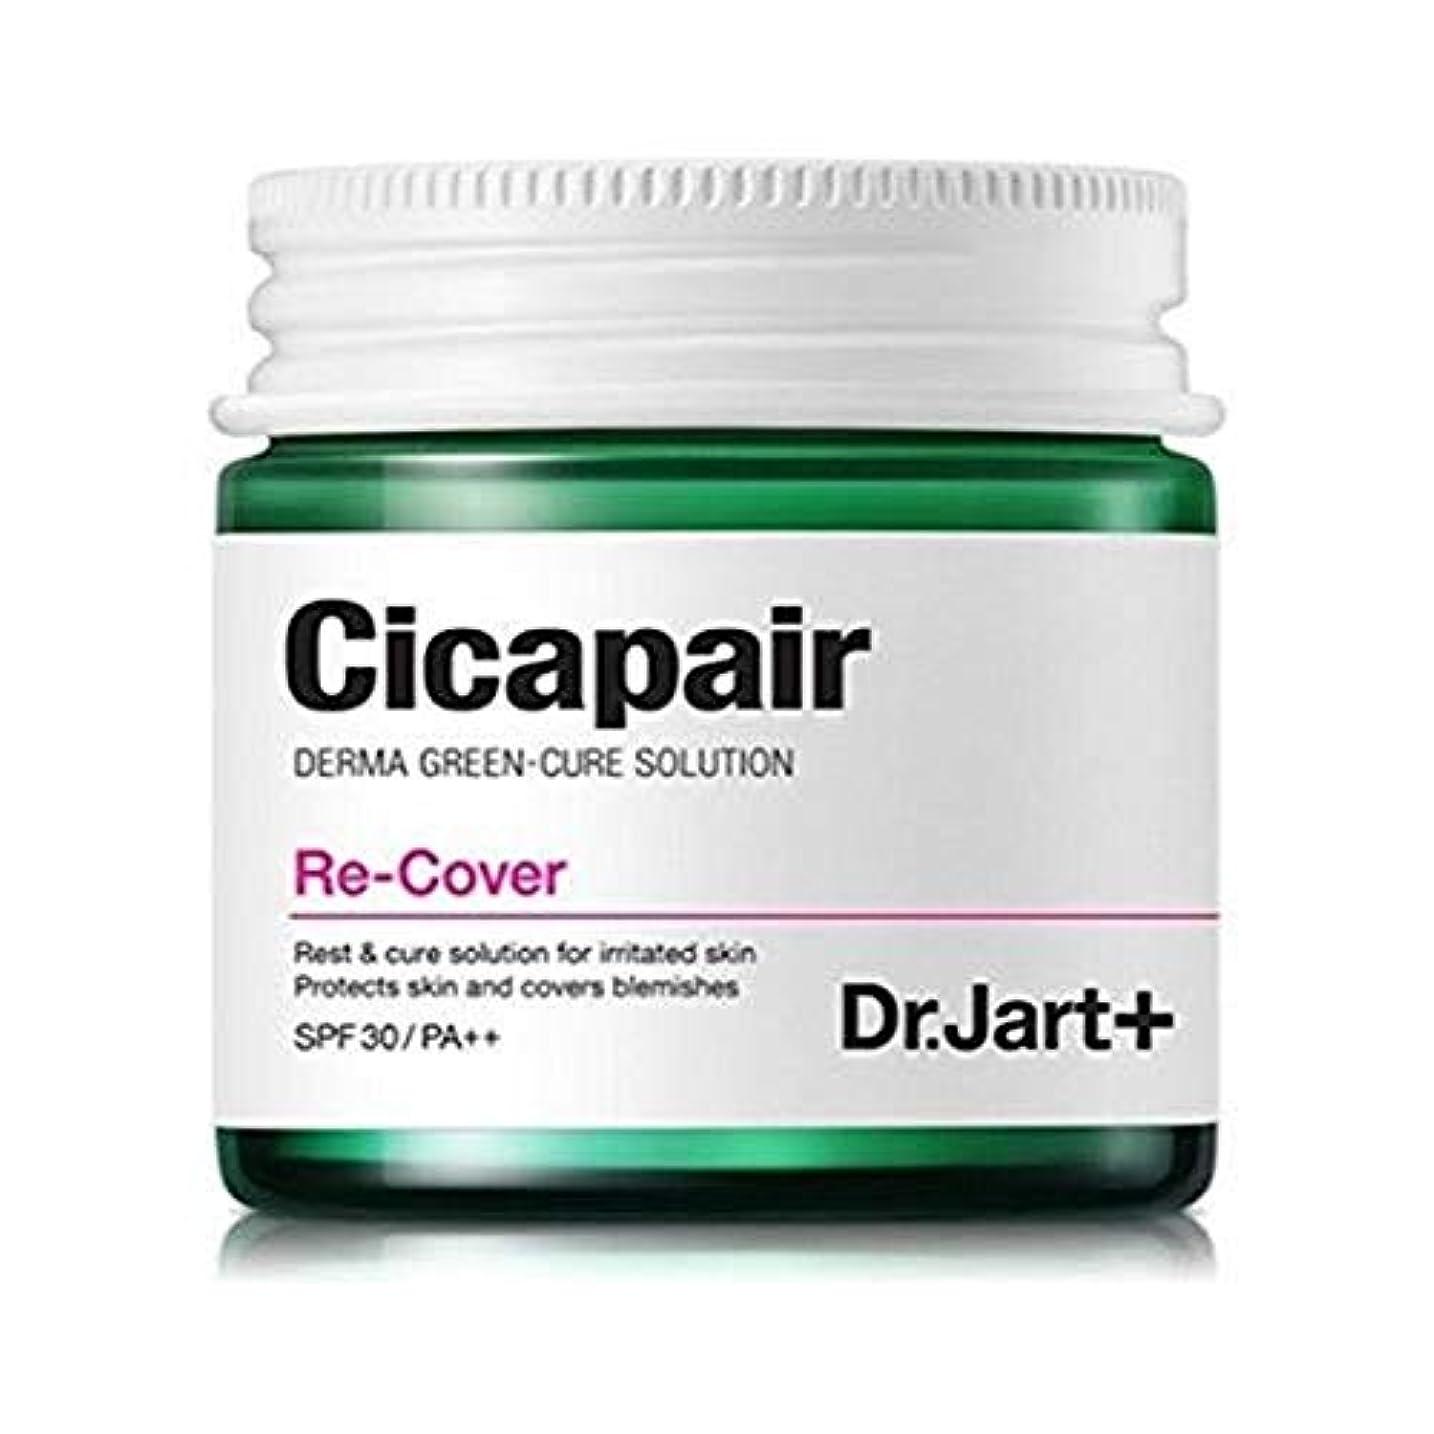 睡眠存在する沼地[Dr.Jart+ Cicapair ReCover] ドクタ?ジャルトシカペアリカバ? 皮膚回復と保護紫?線カット ?砂ケア 韓?直送 SPF30/PA++